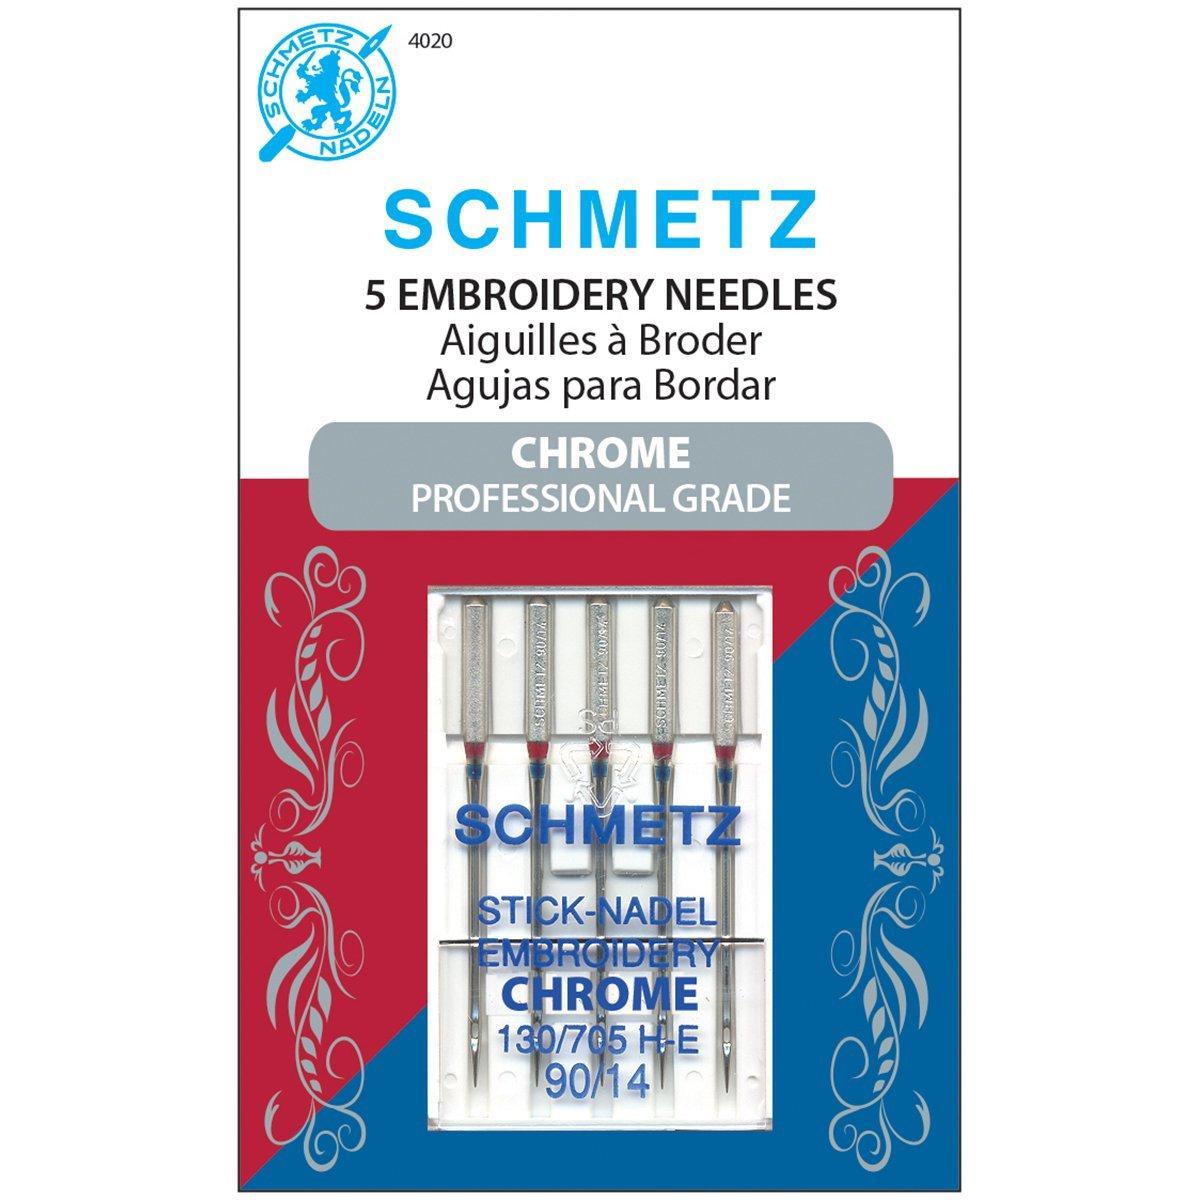 Schmetz Chrome Embroidery Needles 90/14